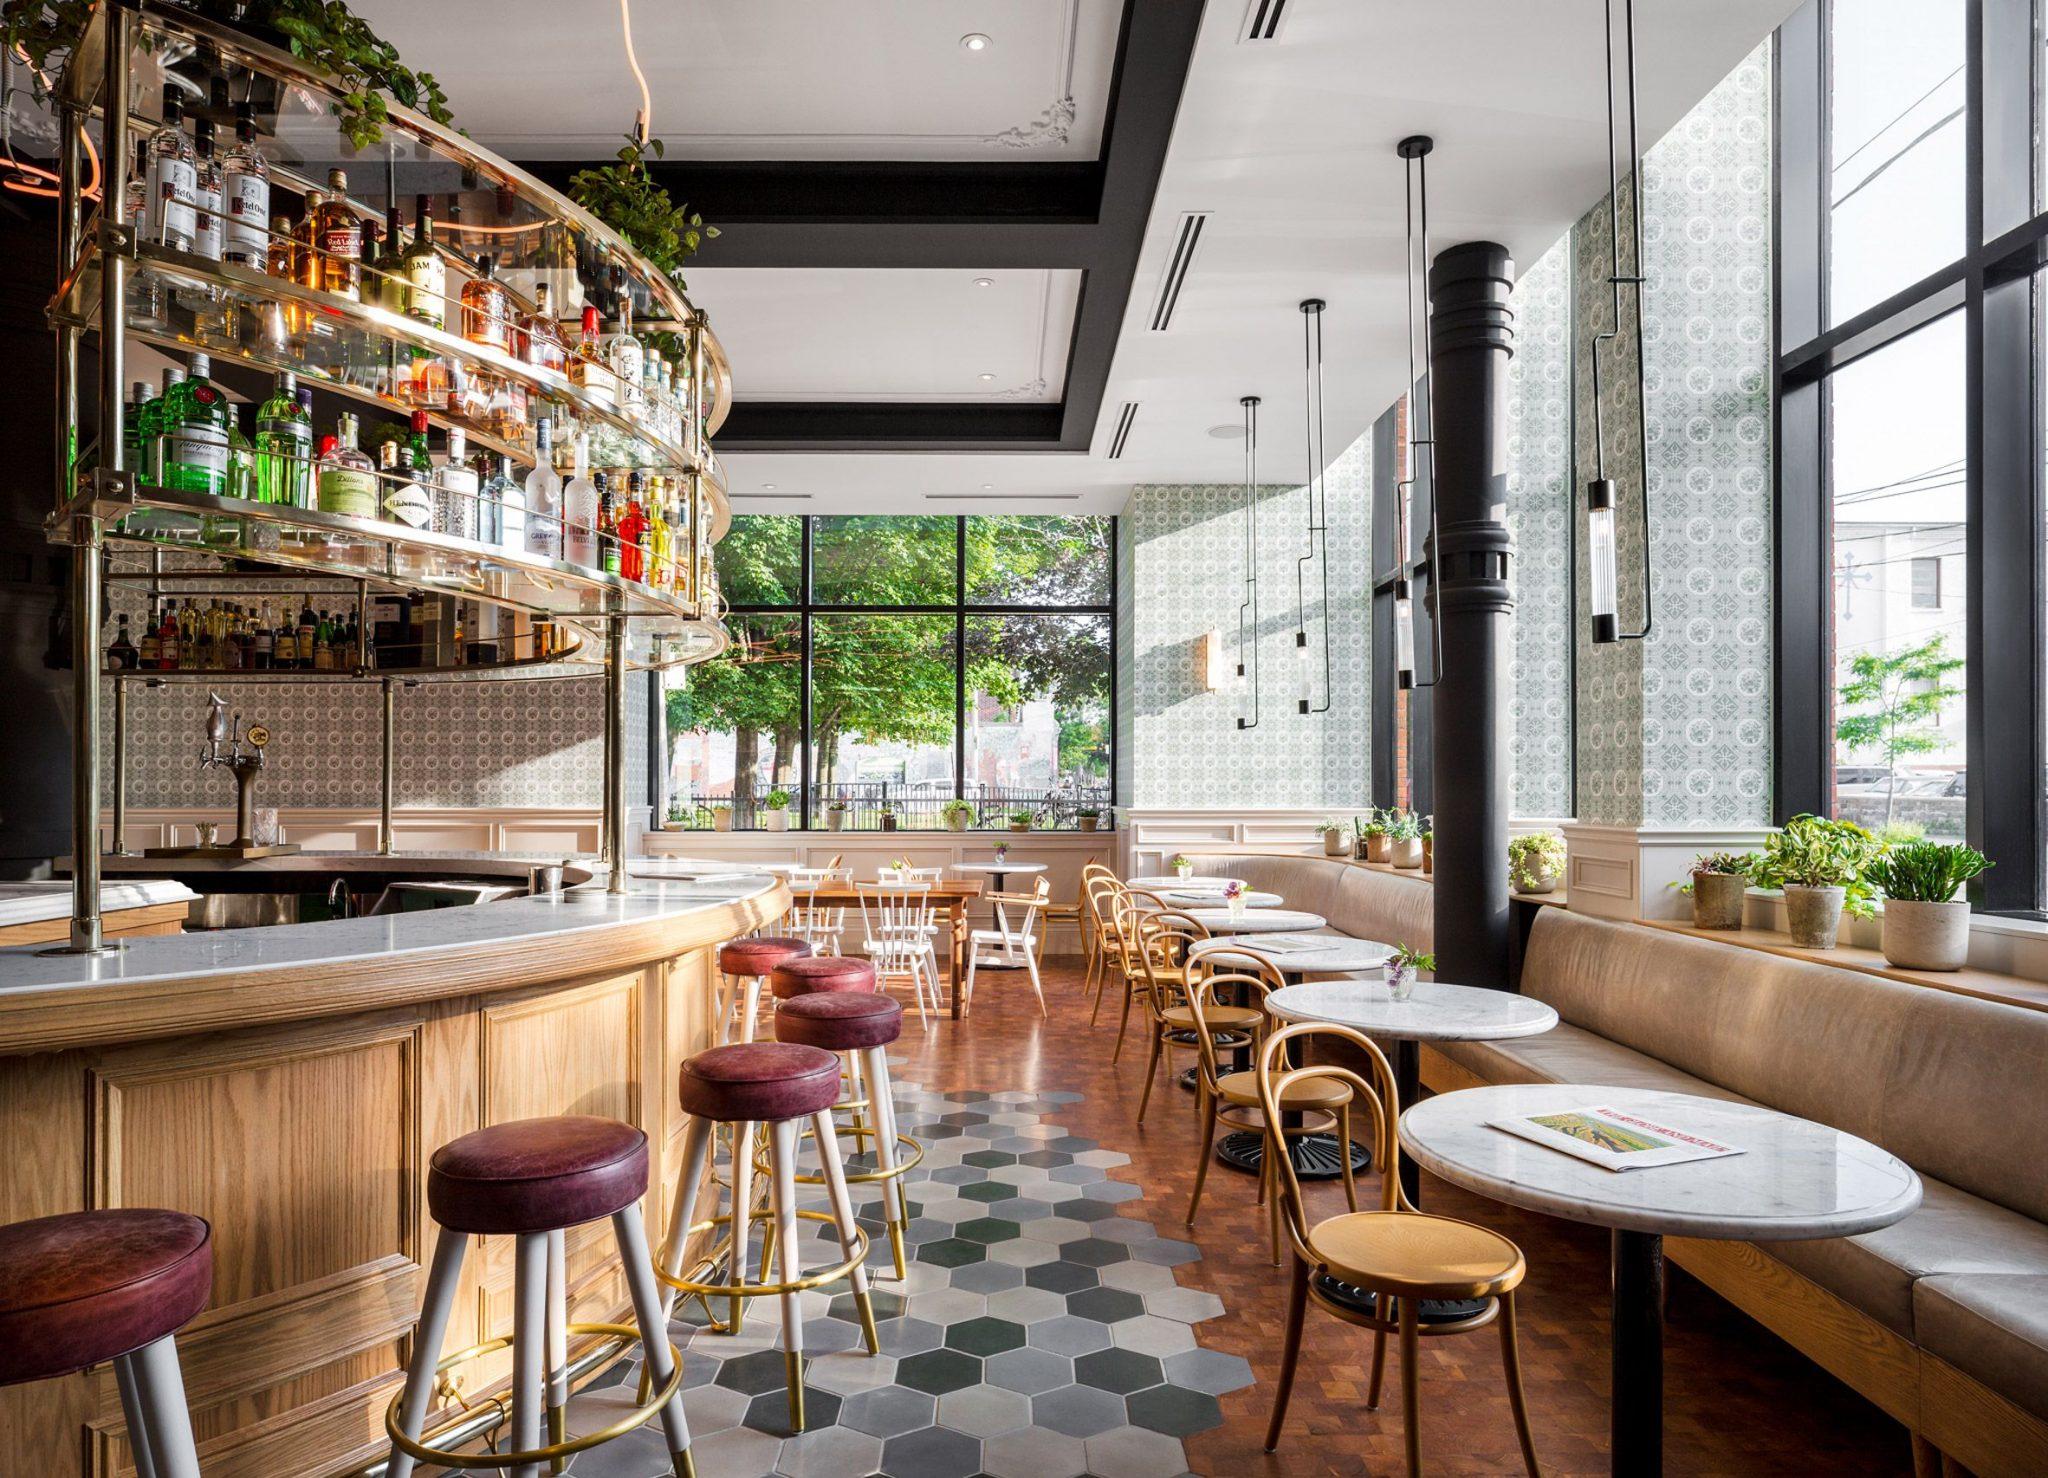 Memilih material untuk lantai juga penting - 3D Wall Panels yang Tepat untuk Interior Kafe Supaya Terlihat Instagrammable - Pinterest.com